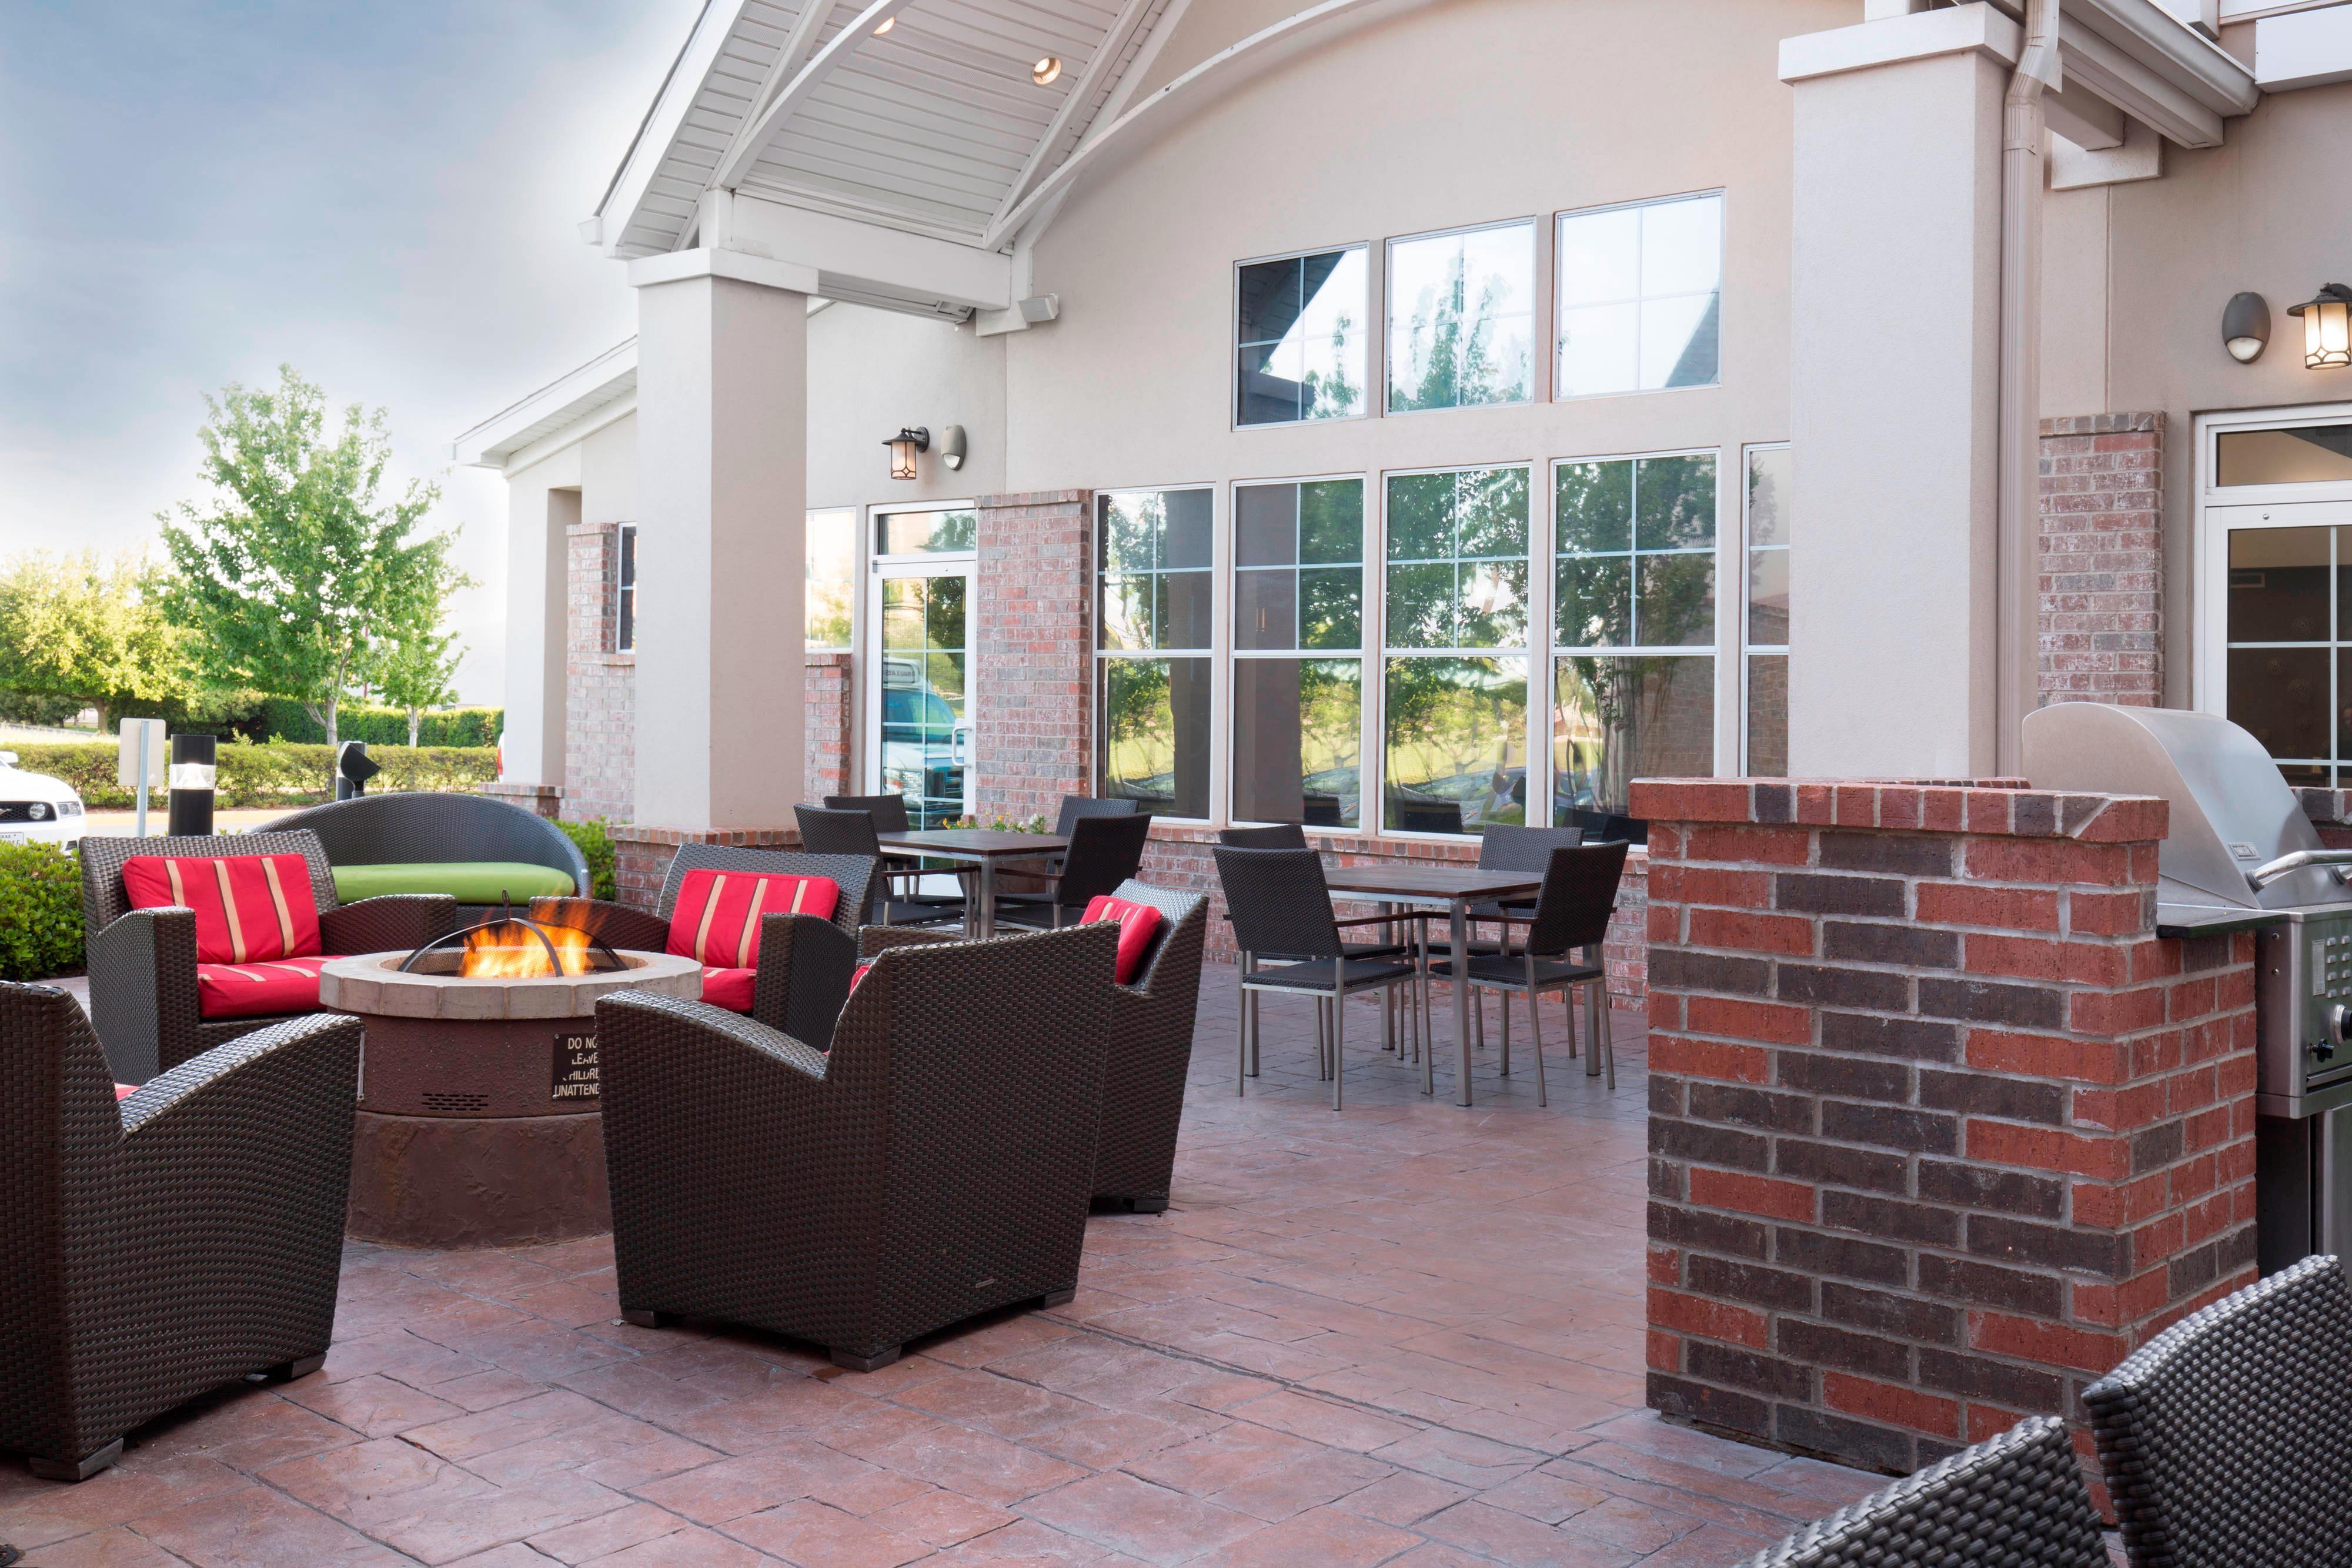 Arlington Texas Hotel Outdoor Patio